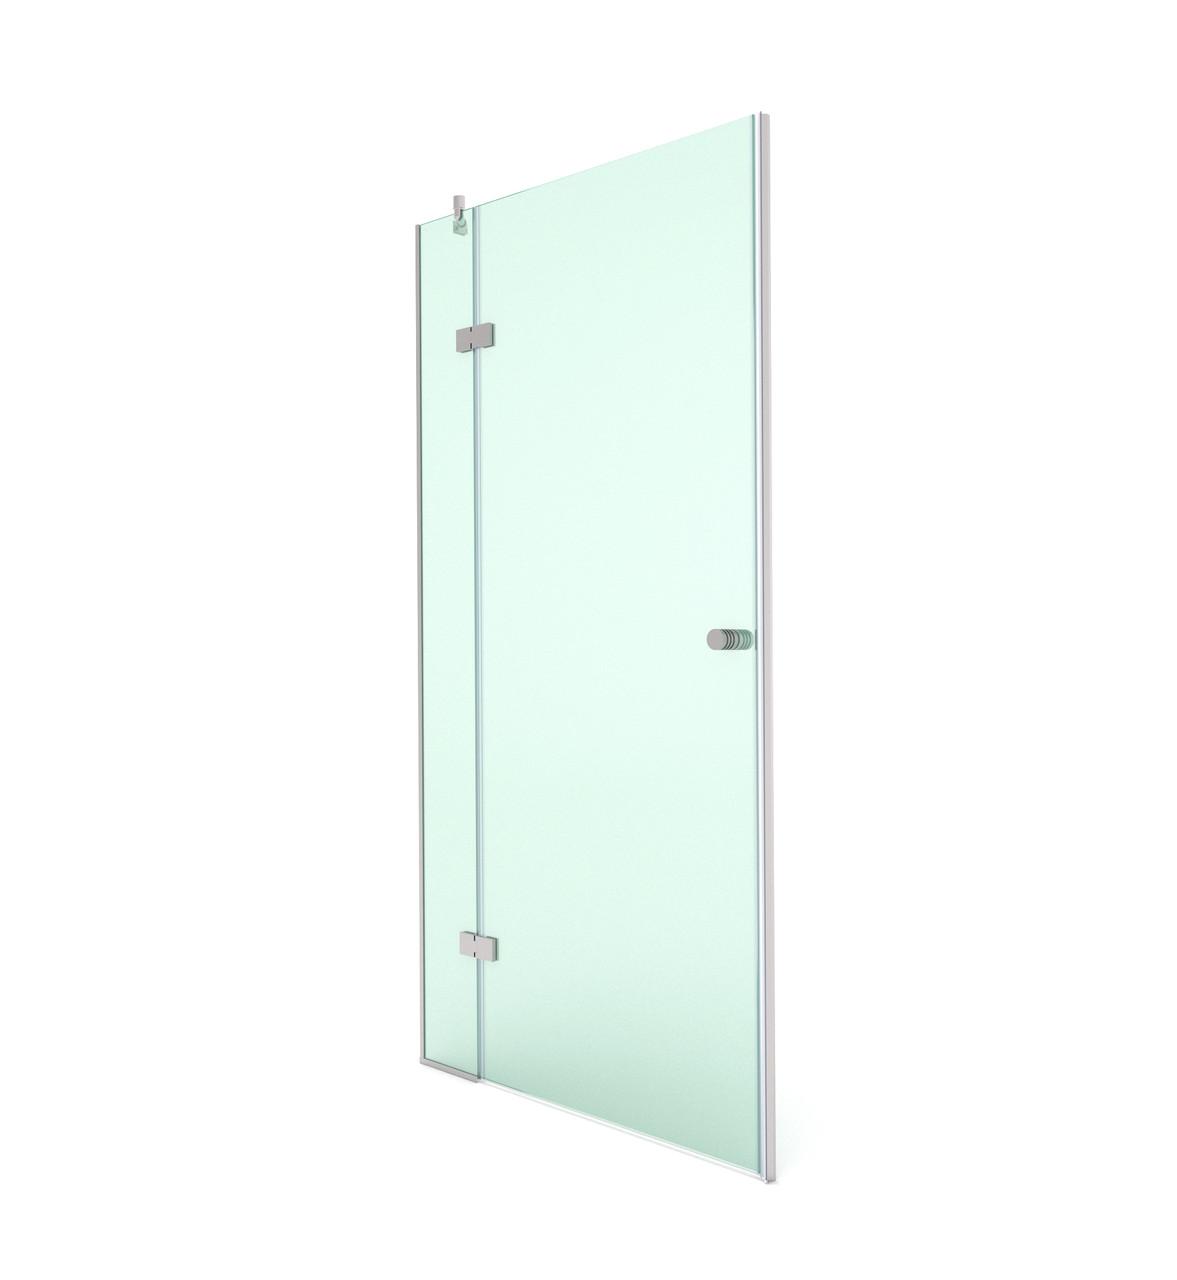 Распашные двери в душевую, модели SD-02-03